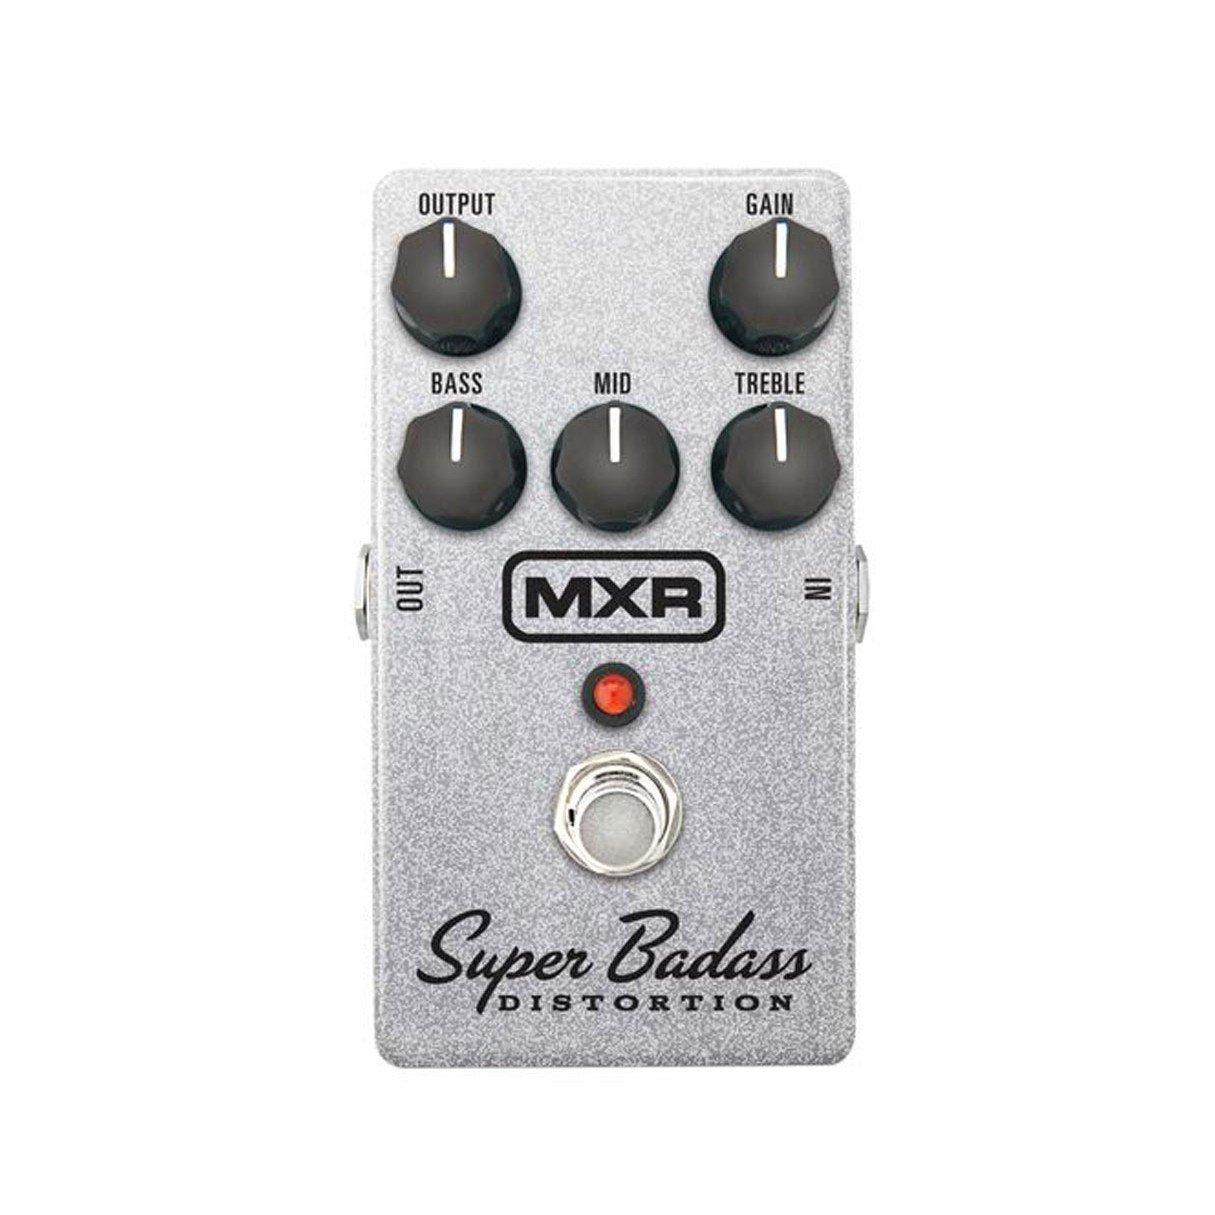 MXR Super Badass Distortion Pedal